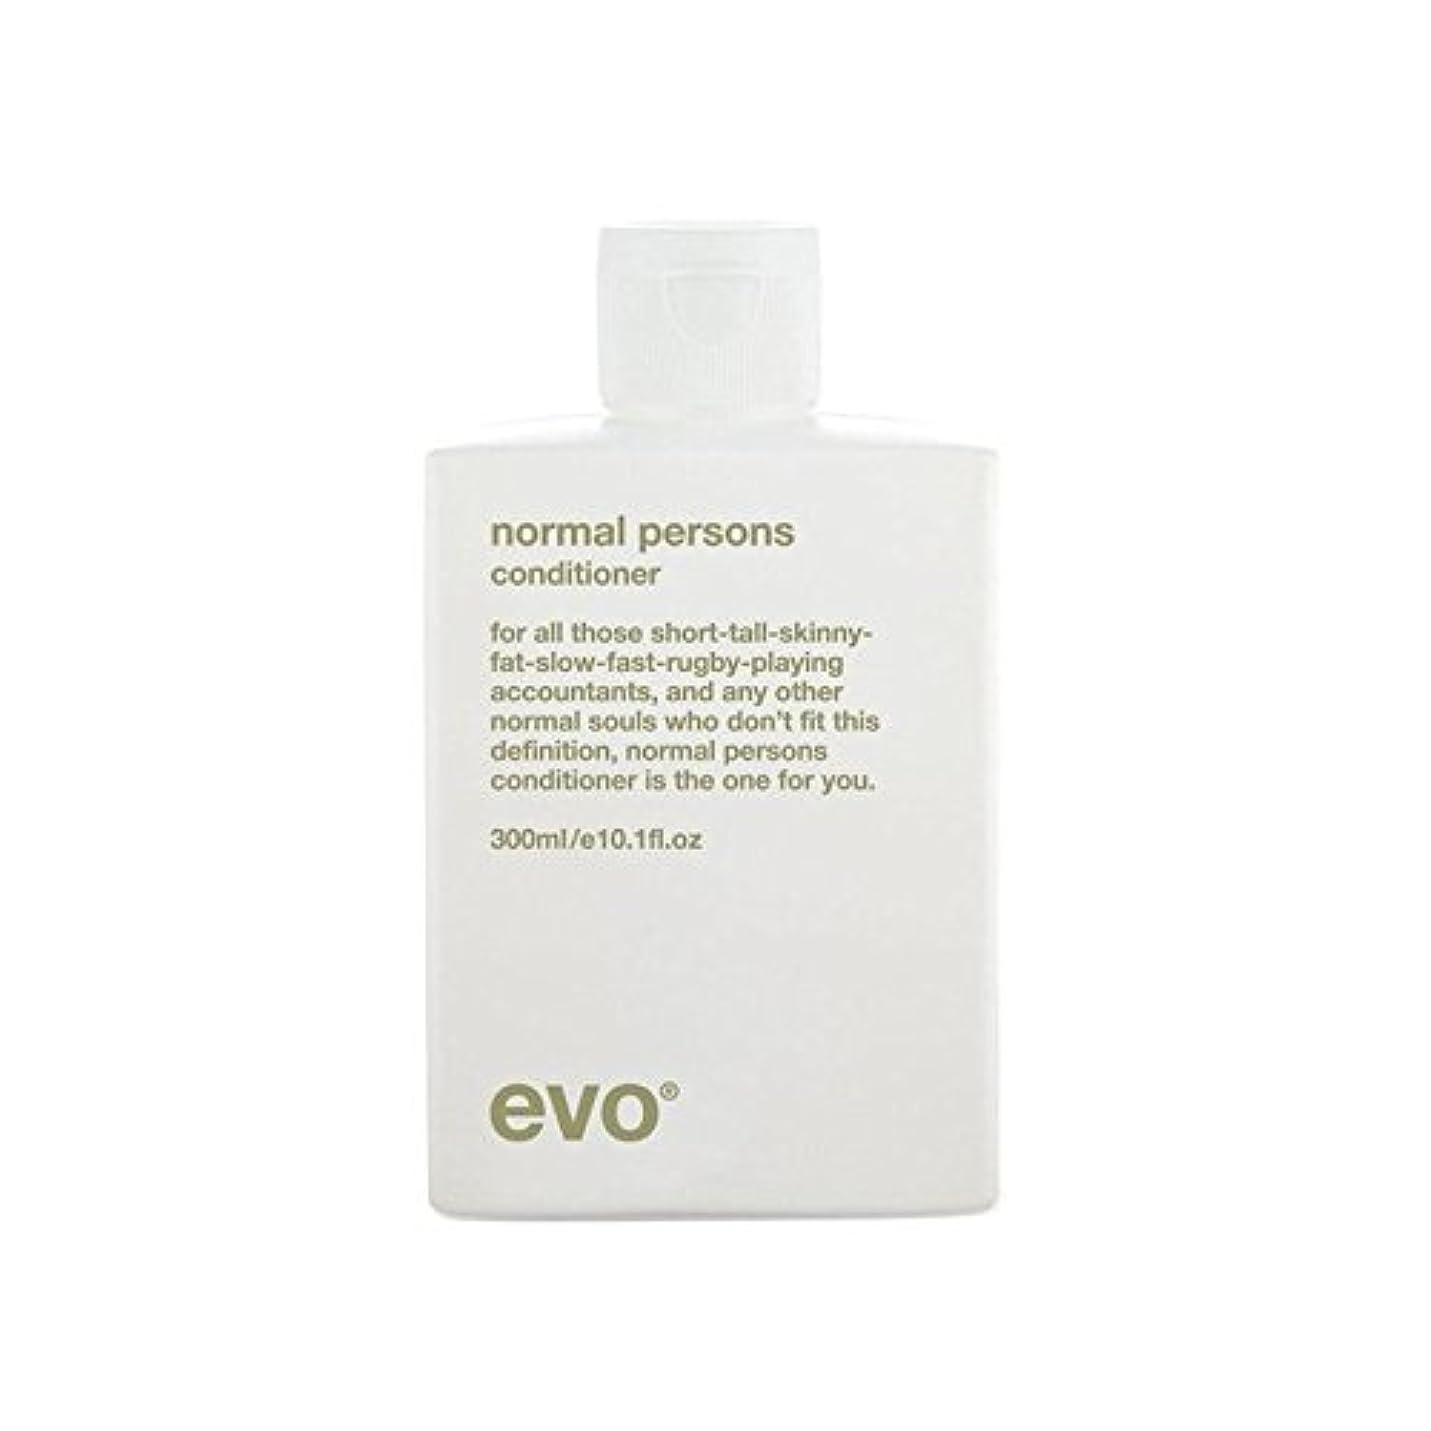 確立します耐えられないすずめエボ正常人コンディショナー(300ミリリットル) x2 - Evo Normal Persons Conditioner (300ml) (Pack of 2) [並行輸入品]